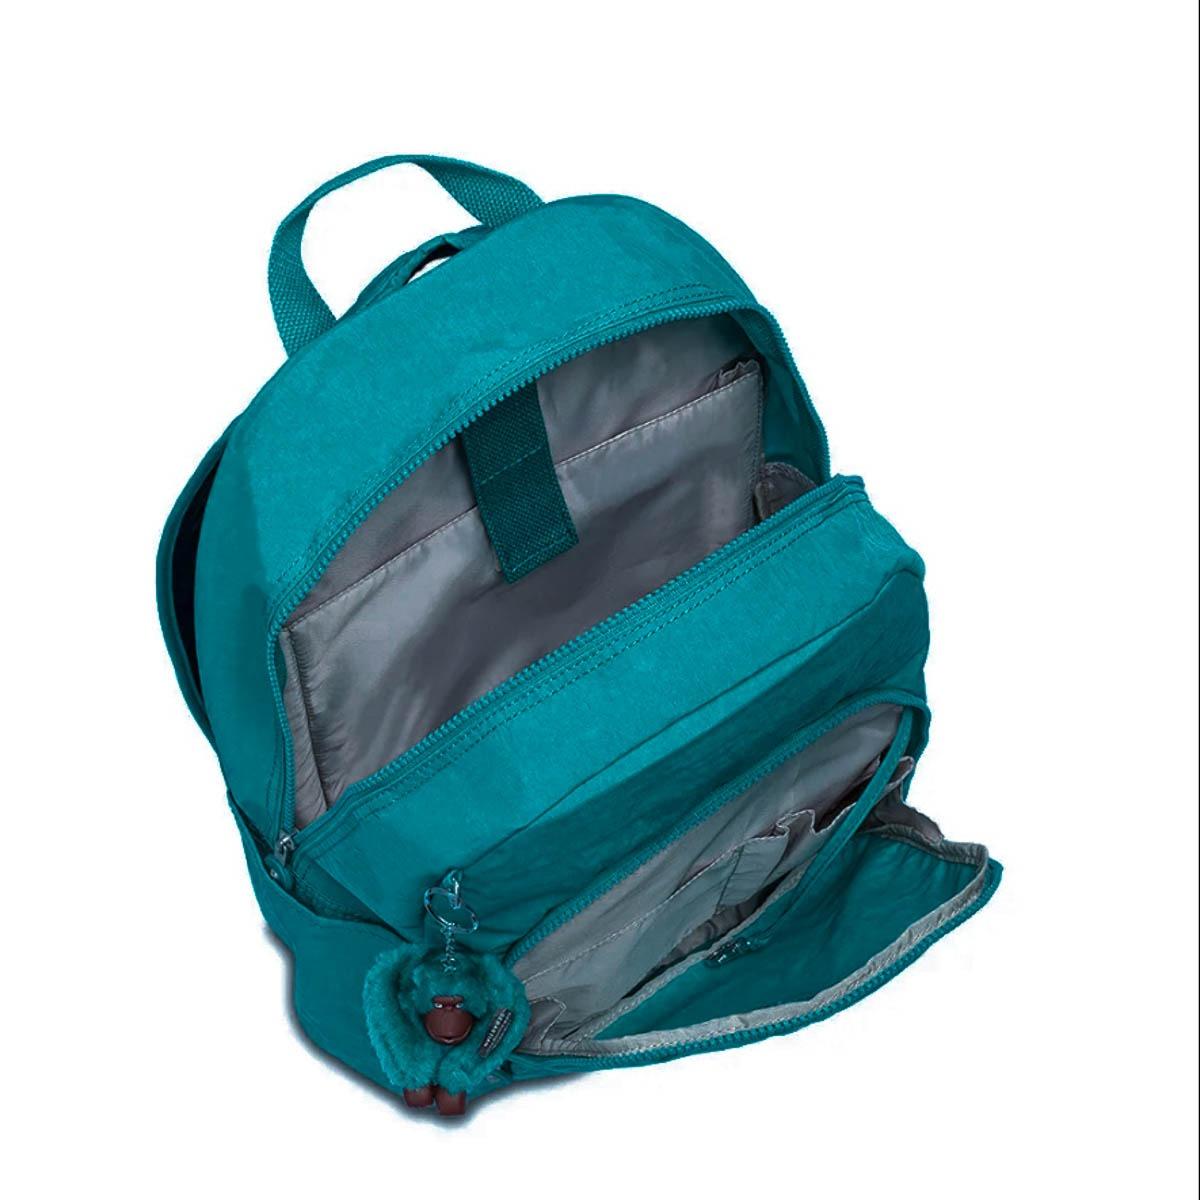 e13a917ae Mochila Kipling Carmine Candy Blue - R$ 599,00 em Mercado Livre